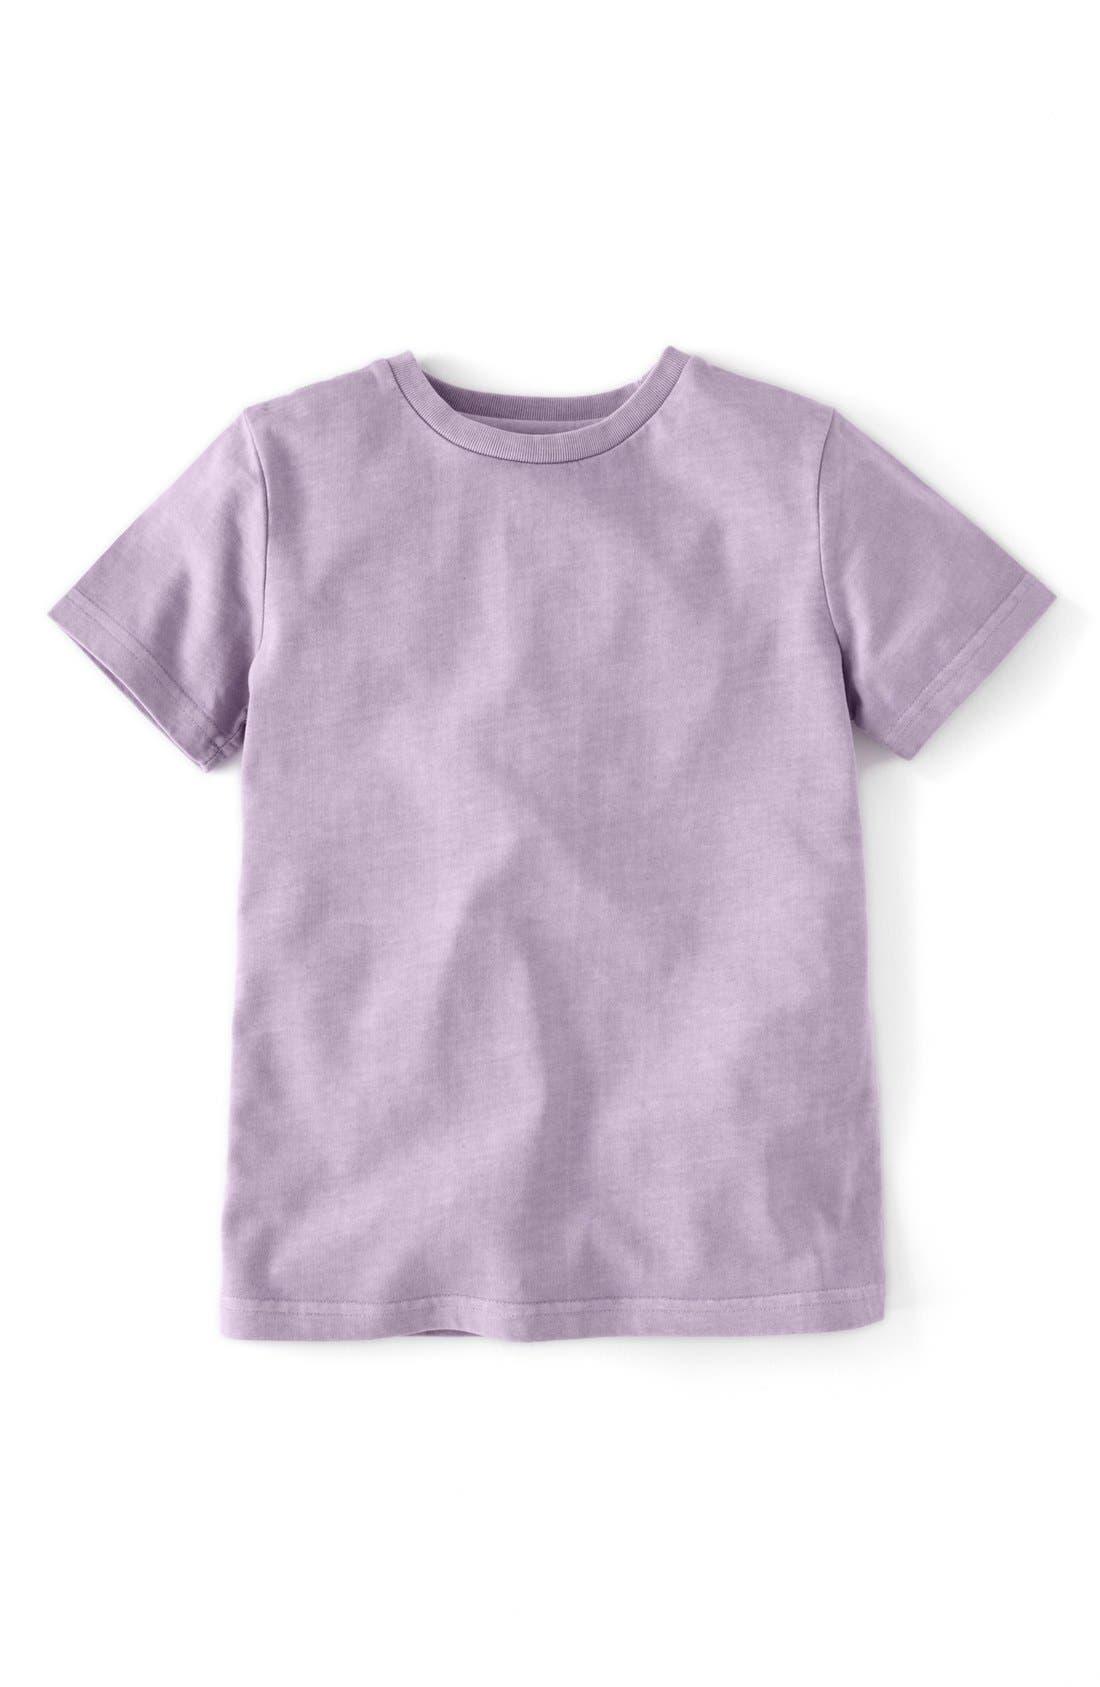 Alternate Image 1 Selected - Mini Boden T-Shirt (Toddler Boys, Little Boys & Big Boys)